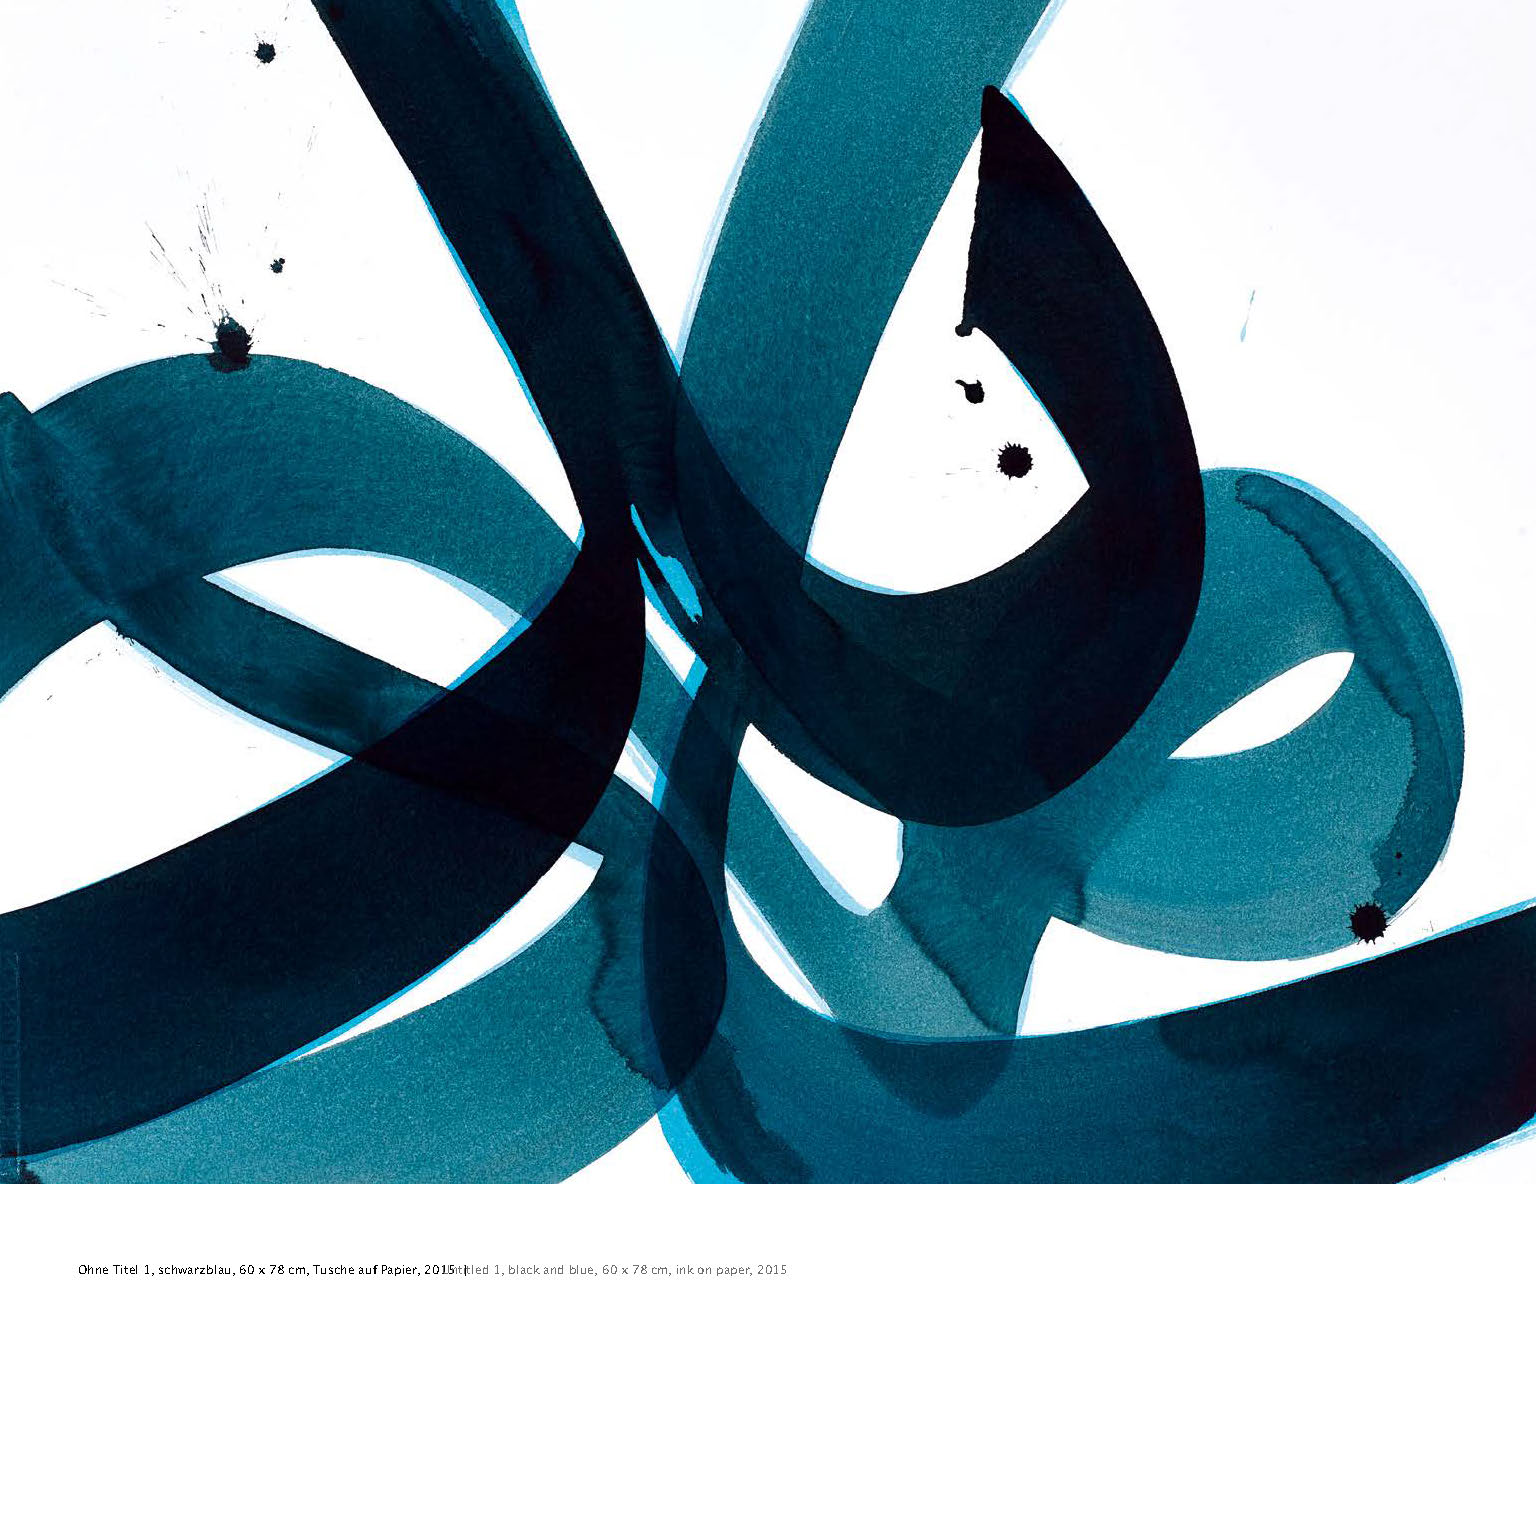 Ausstellungskatalog Aatifi Doppelseite Tusche auf Papier 2015